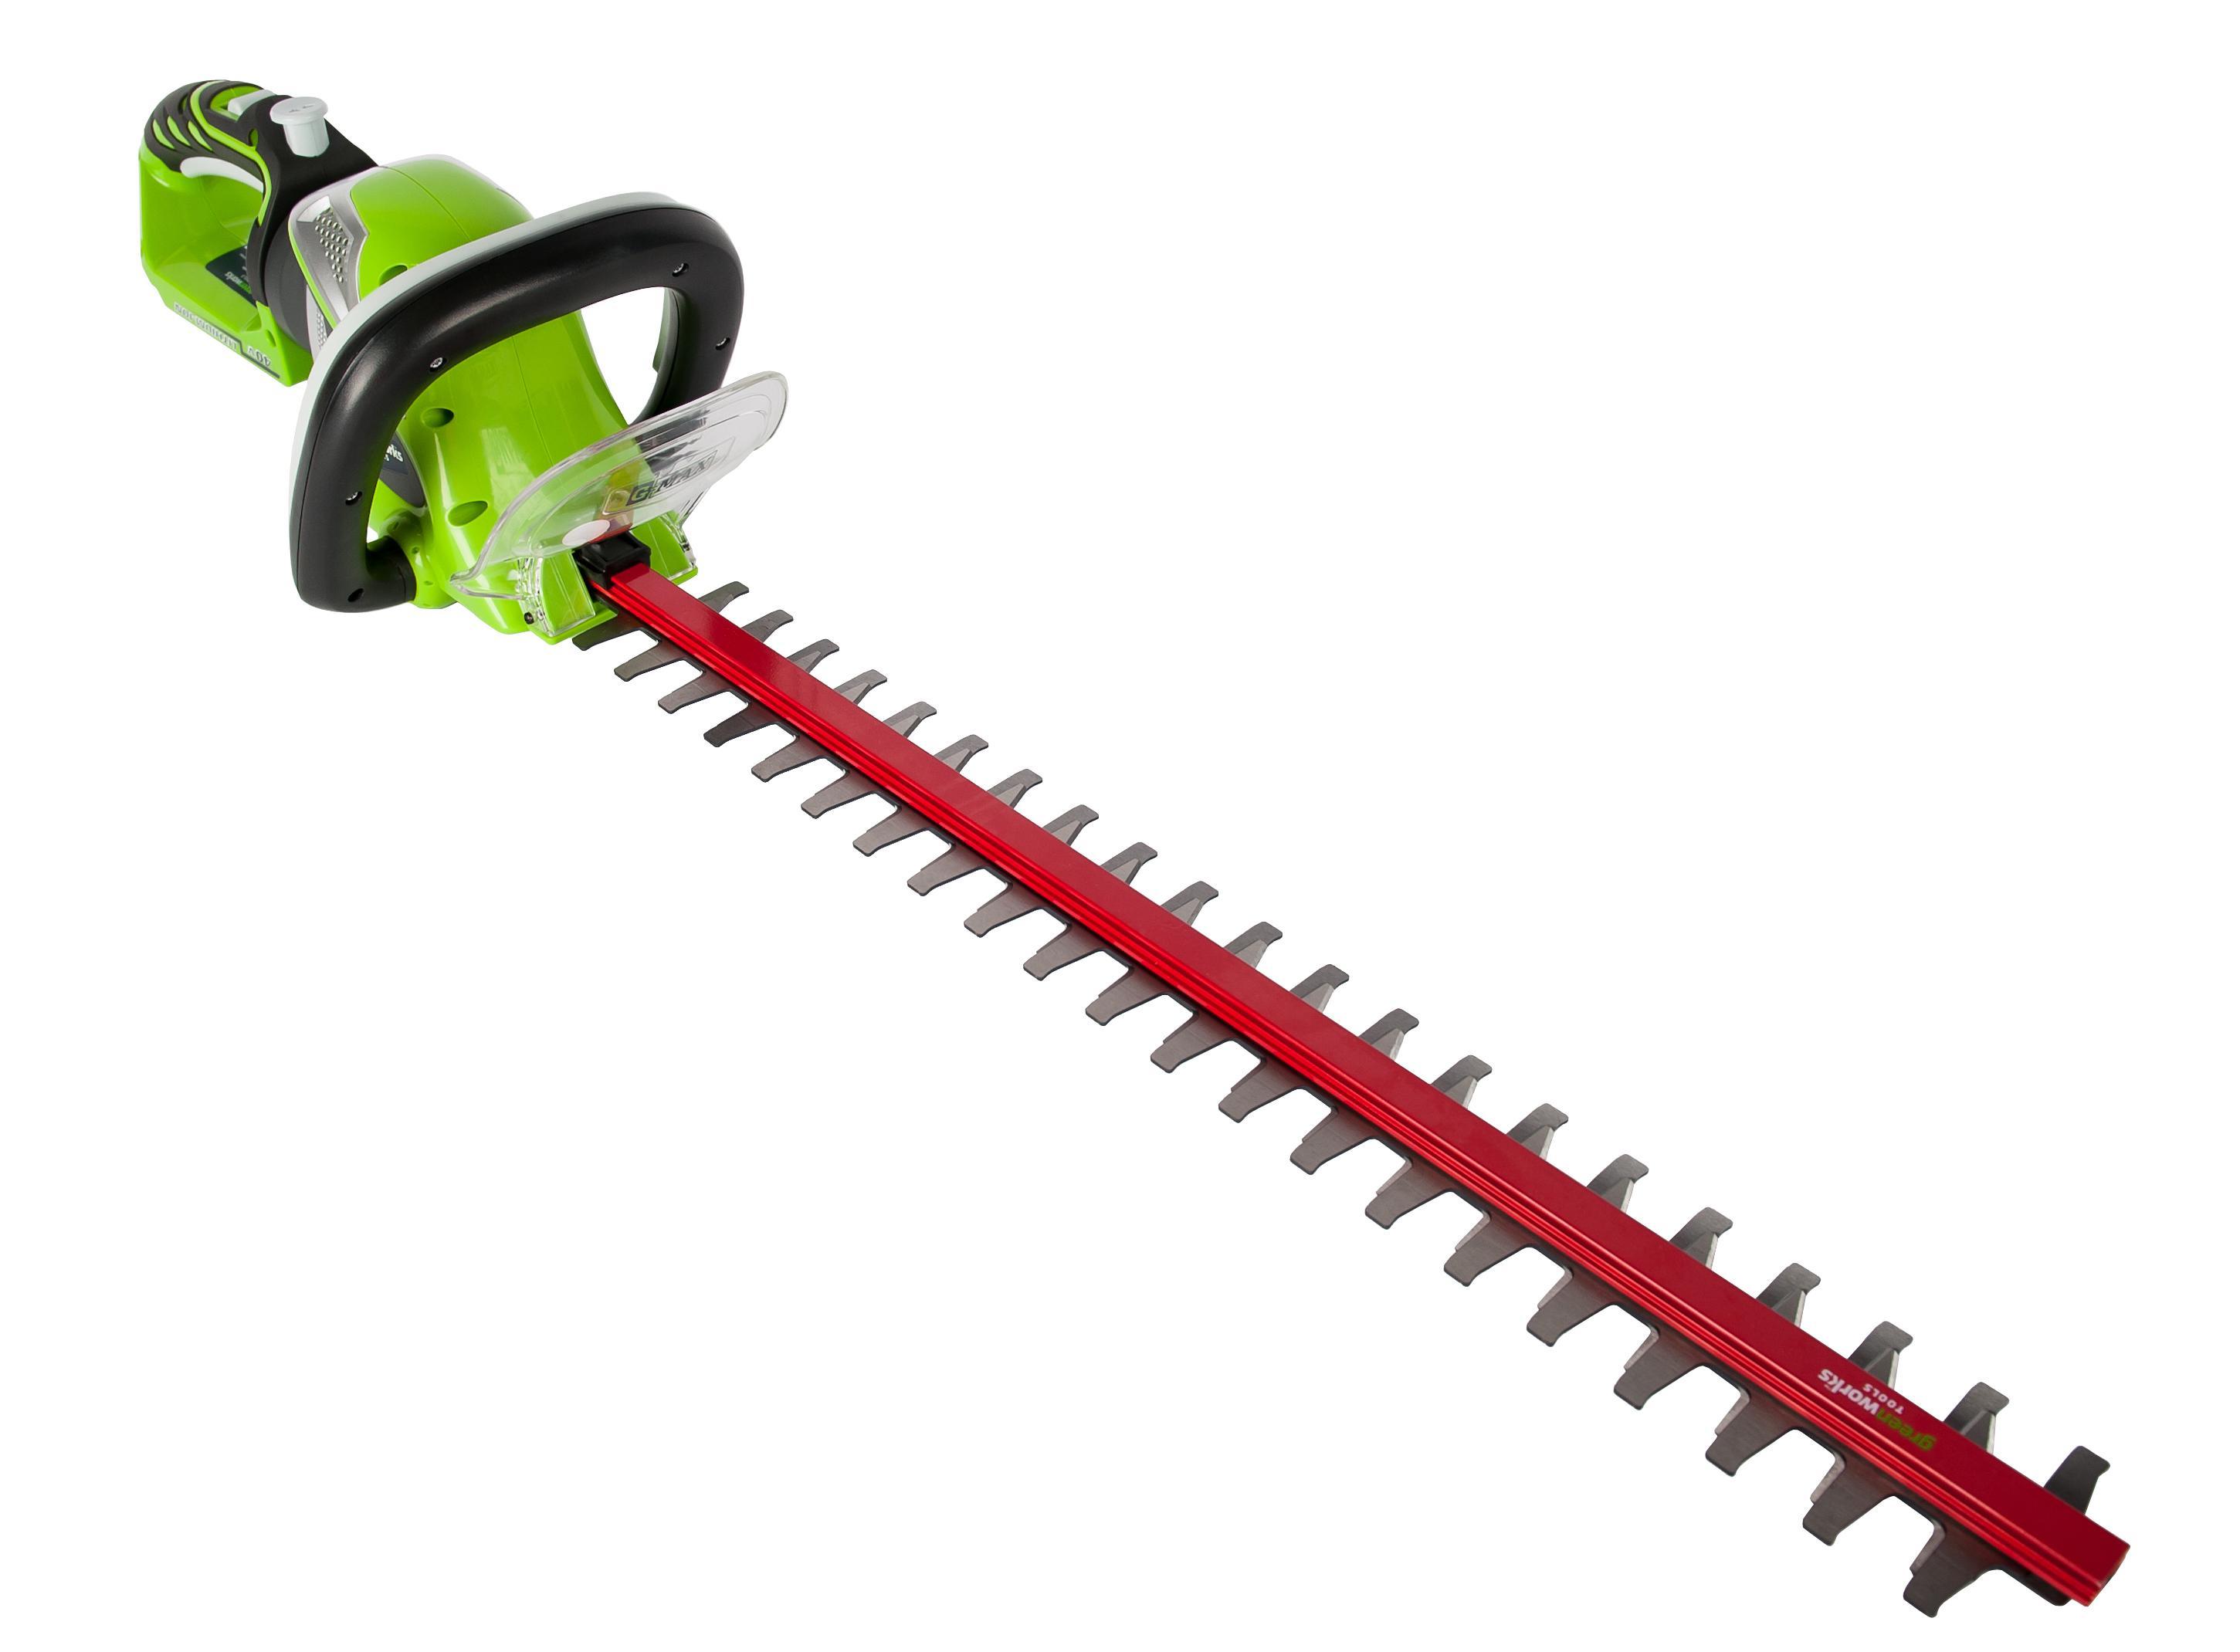 Кусторез Greenworks G40ht61 (22637t) БЕЗ АККУМ и ЗУ кусторез g40ht61 40в greenworks tools 22637t